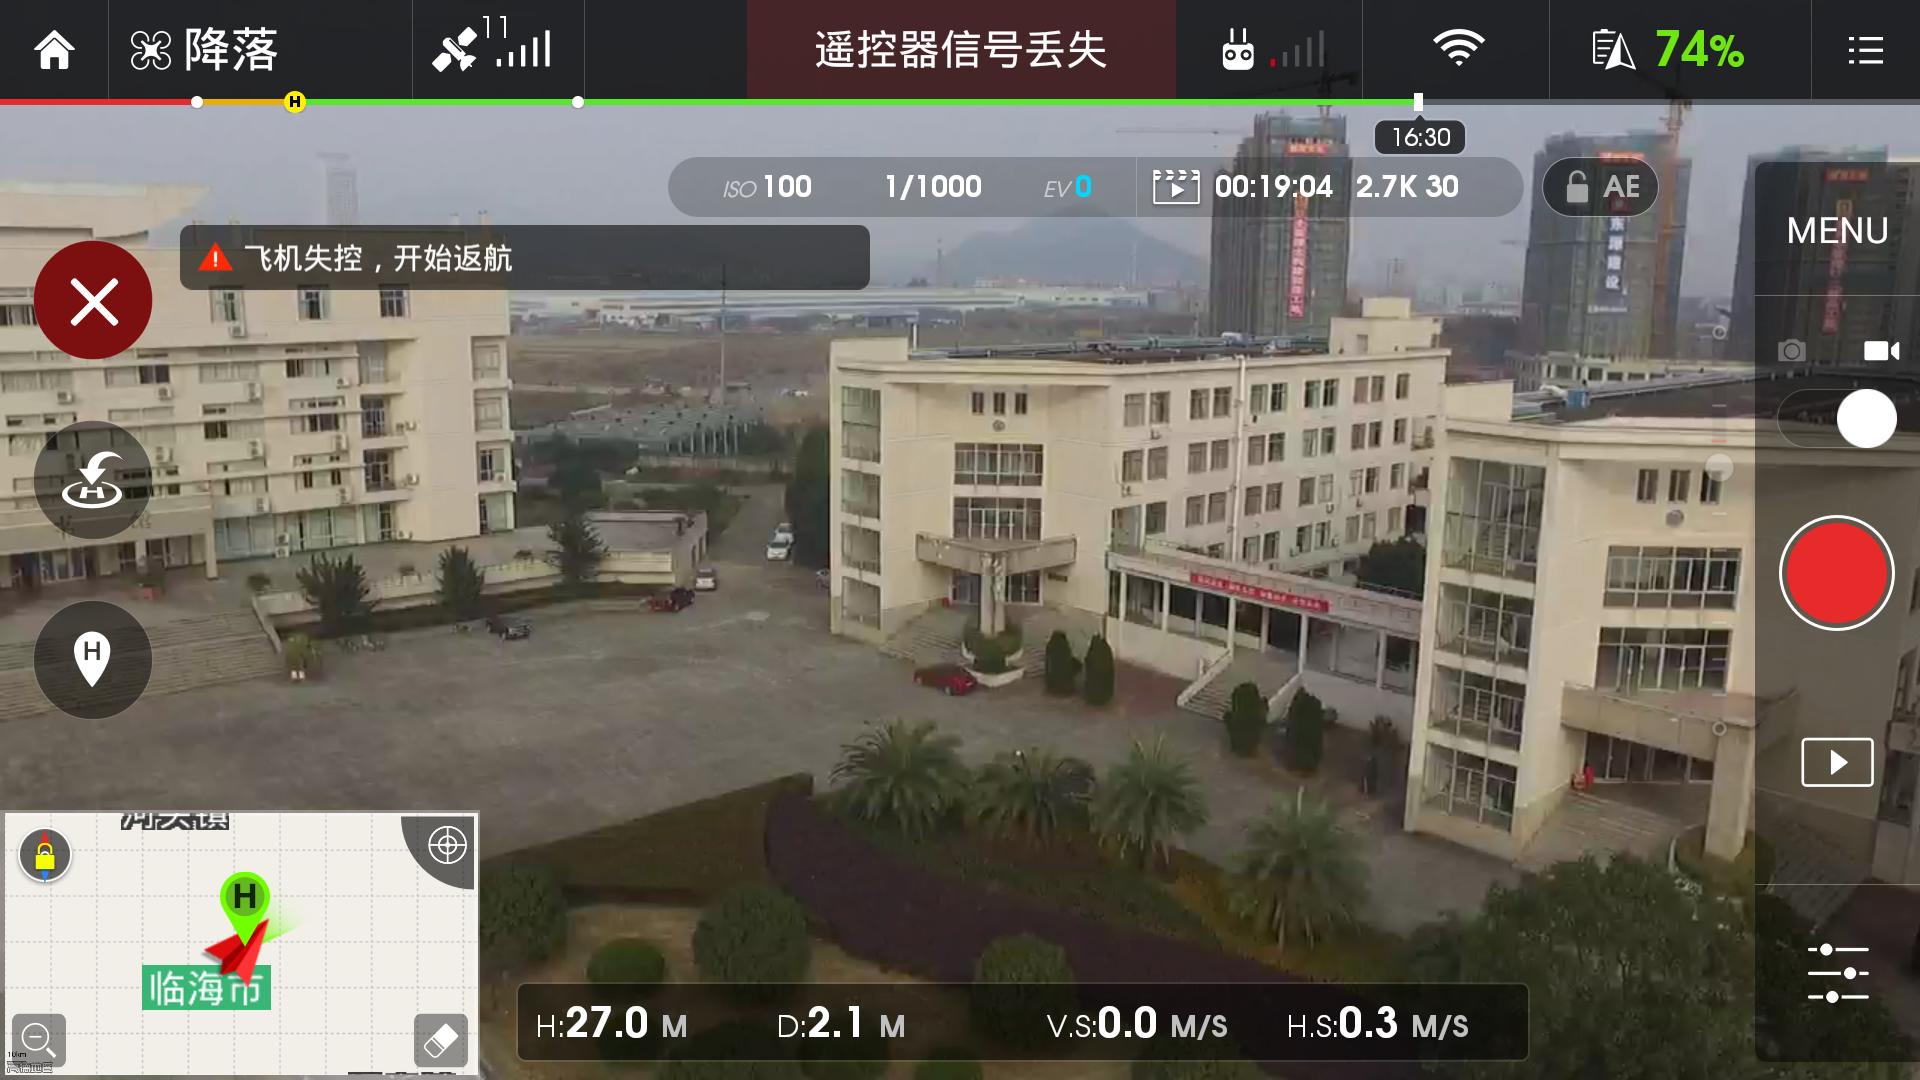 Screenshot_2015-12-31-14-27-43_dji.pilot.png